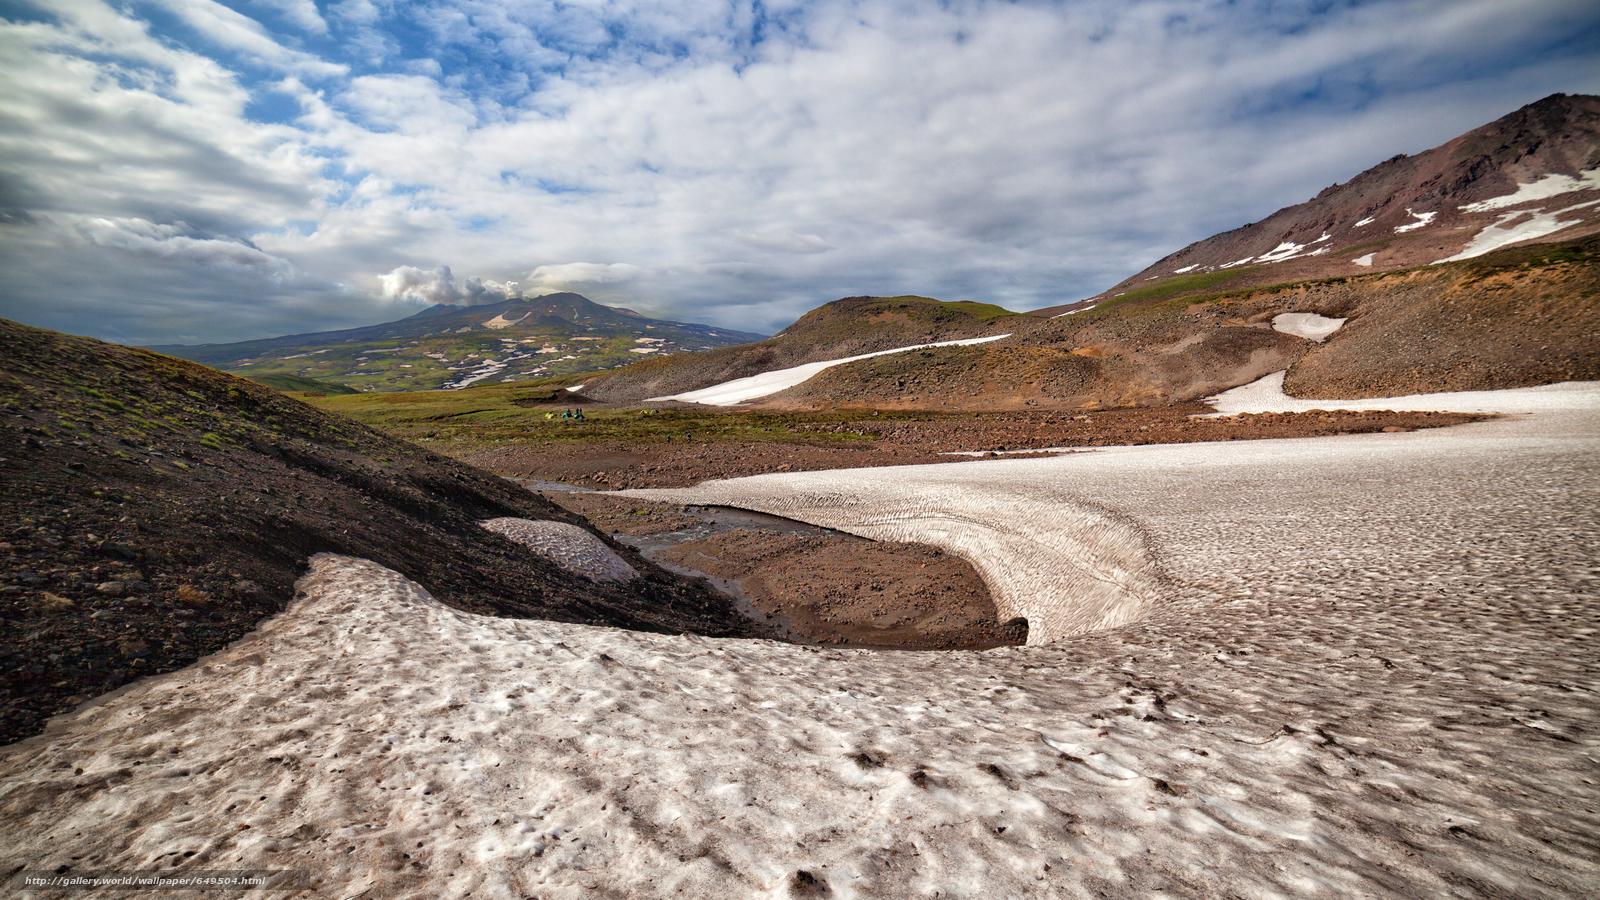 Скачать обои Камчатка,  Россия,  горы,  небо бесплатно для рабочего стола в разрешении 5616x3159 — картинка №649504